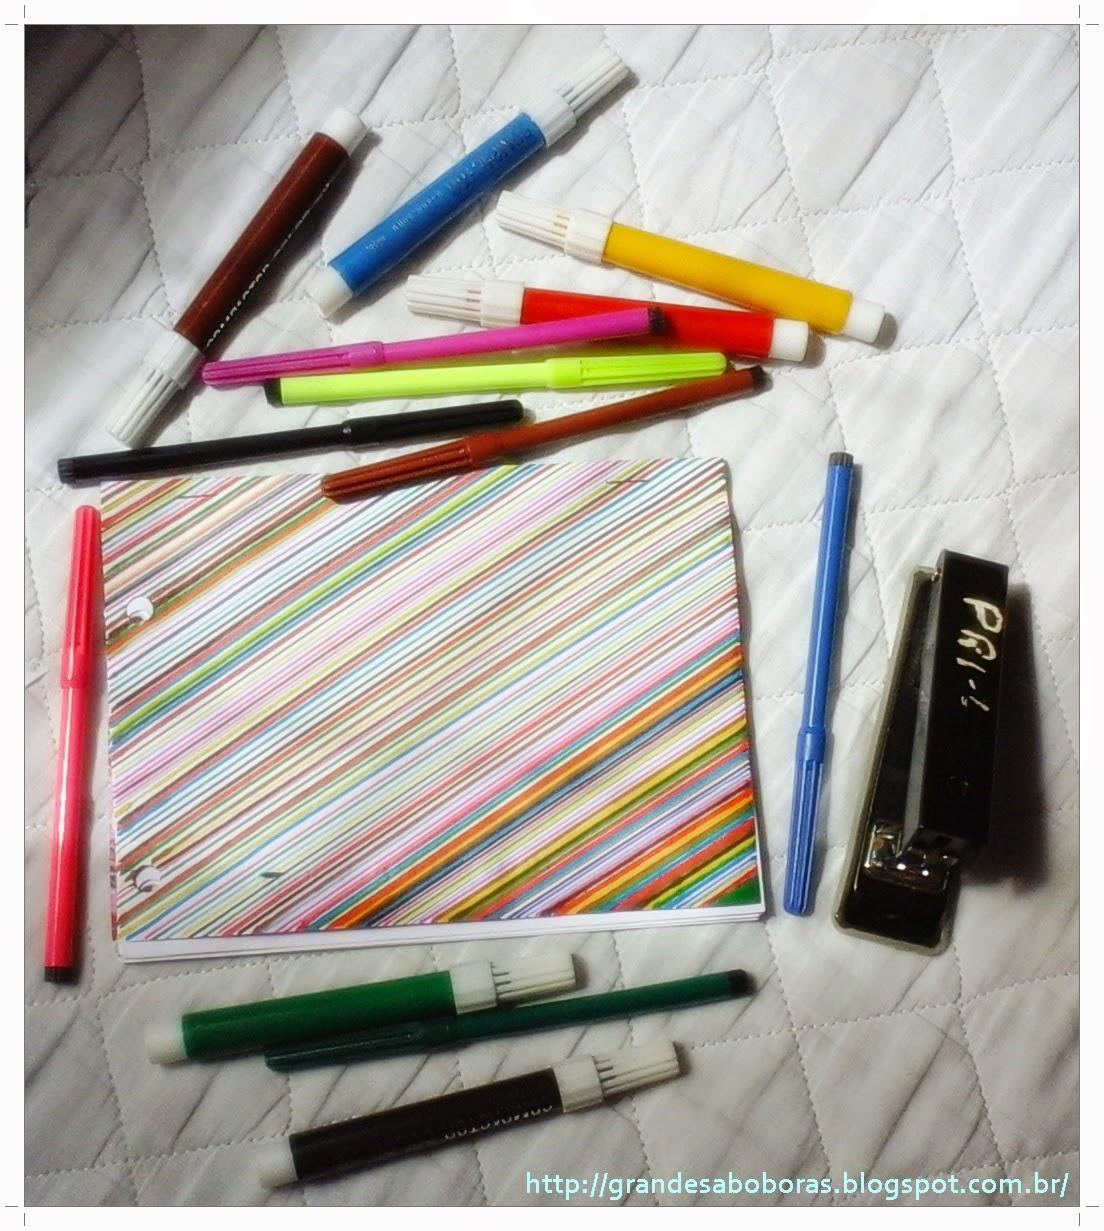 Bloco + de + anotações